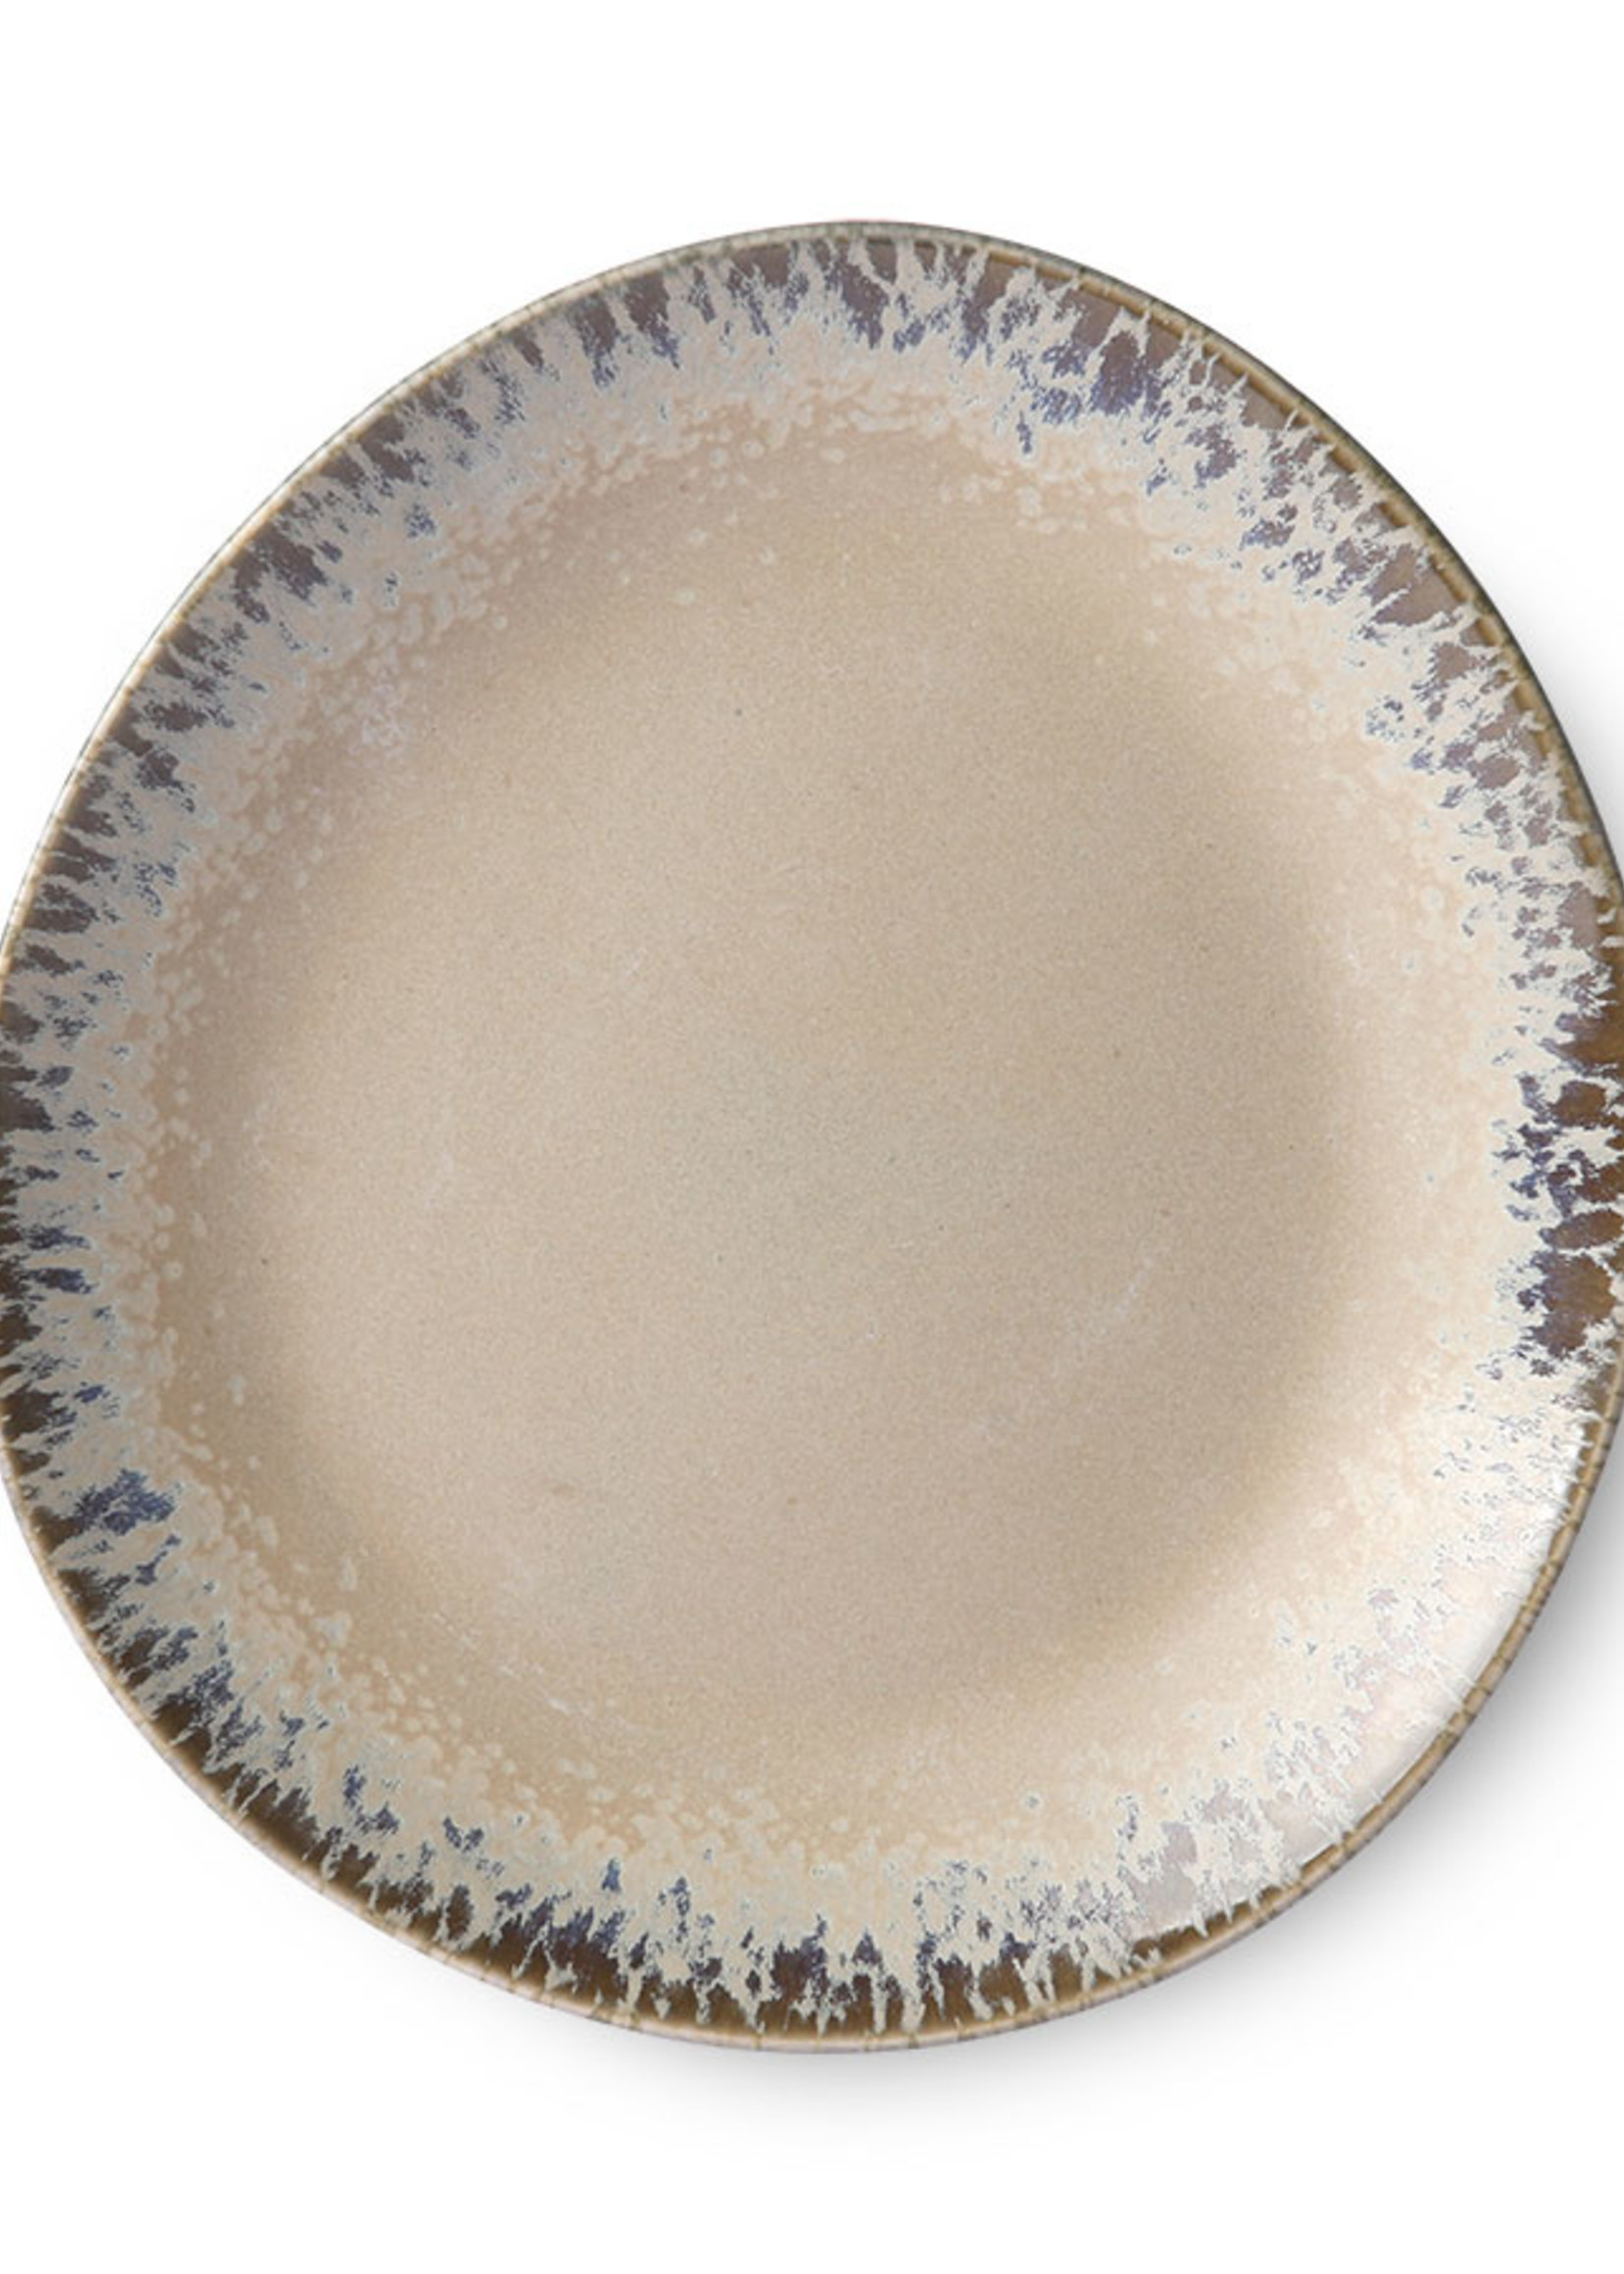 HK living ceramic 70's side plate: bark